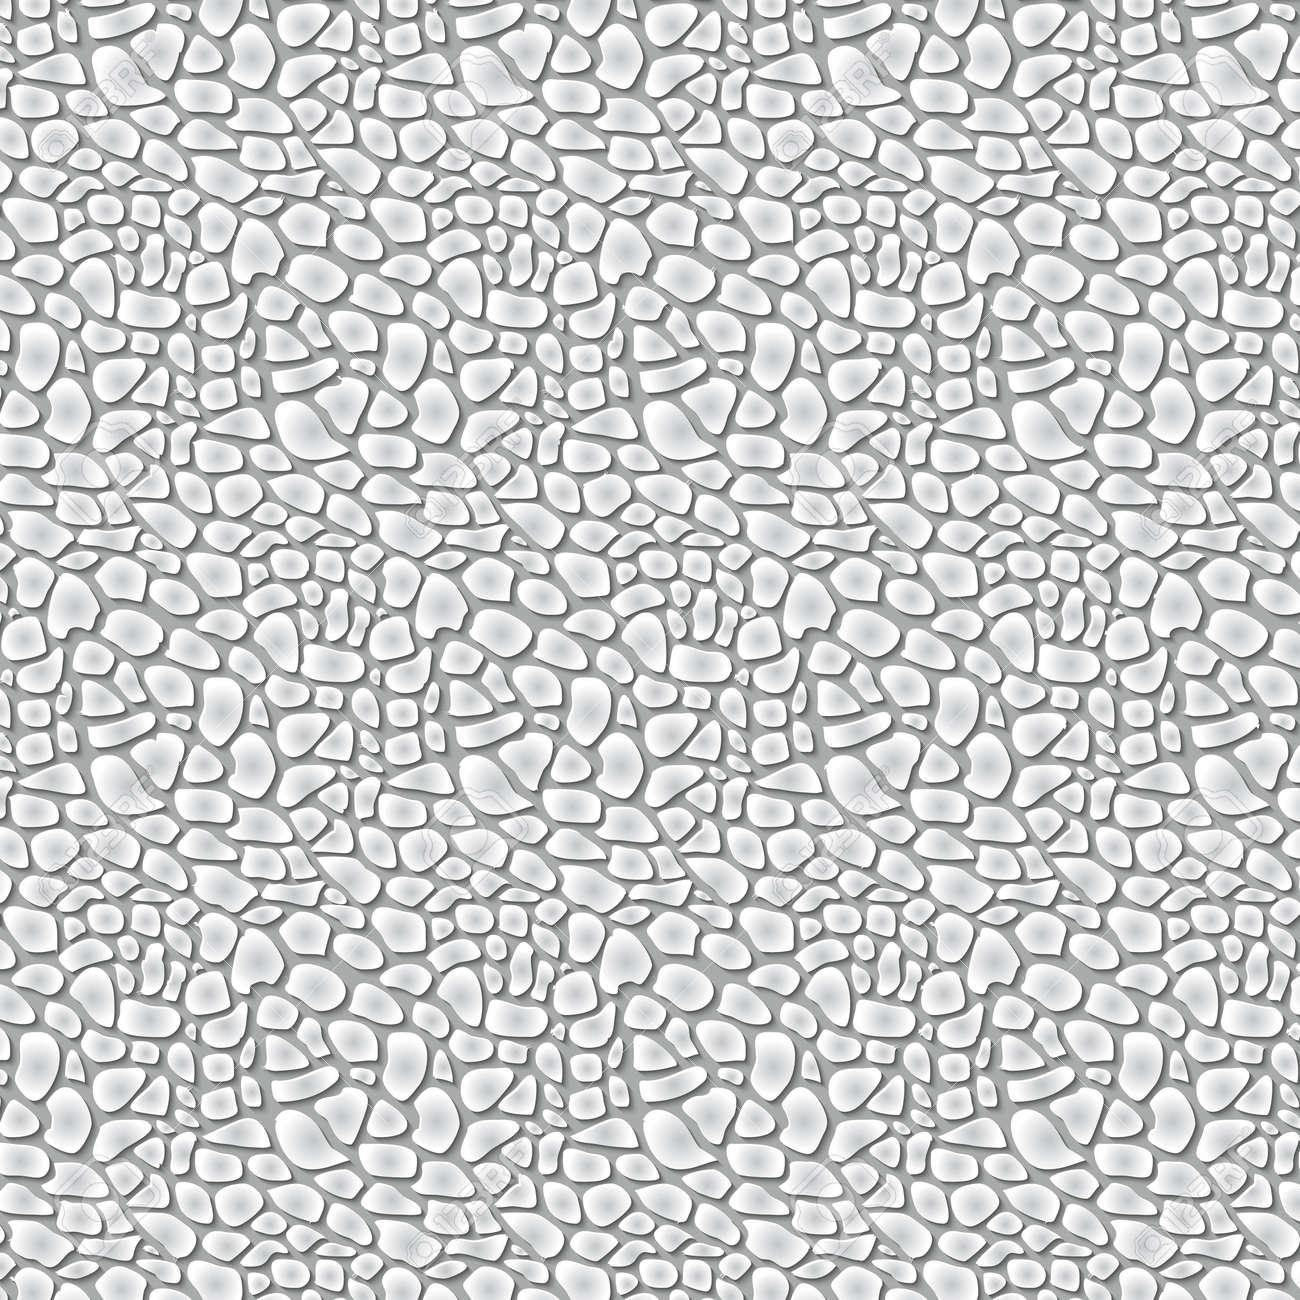 Asombroso Patrones De Cocodrilo Ganchillo Friso - Coser Ideas Para ...